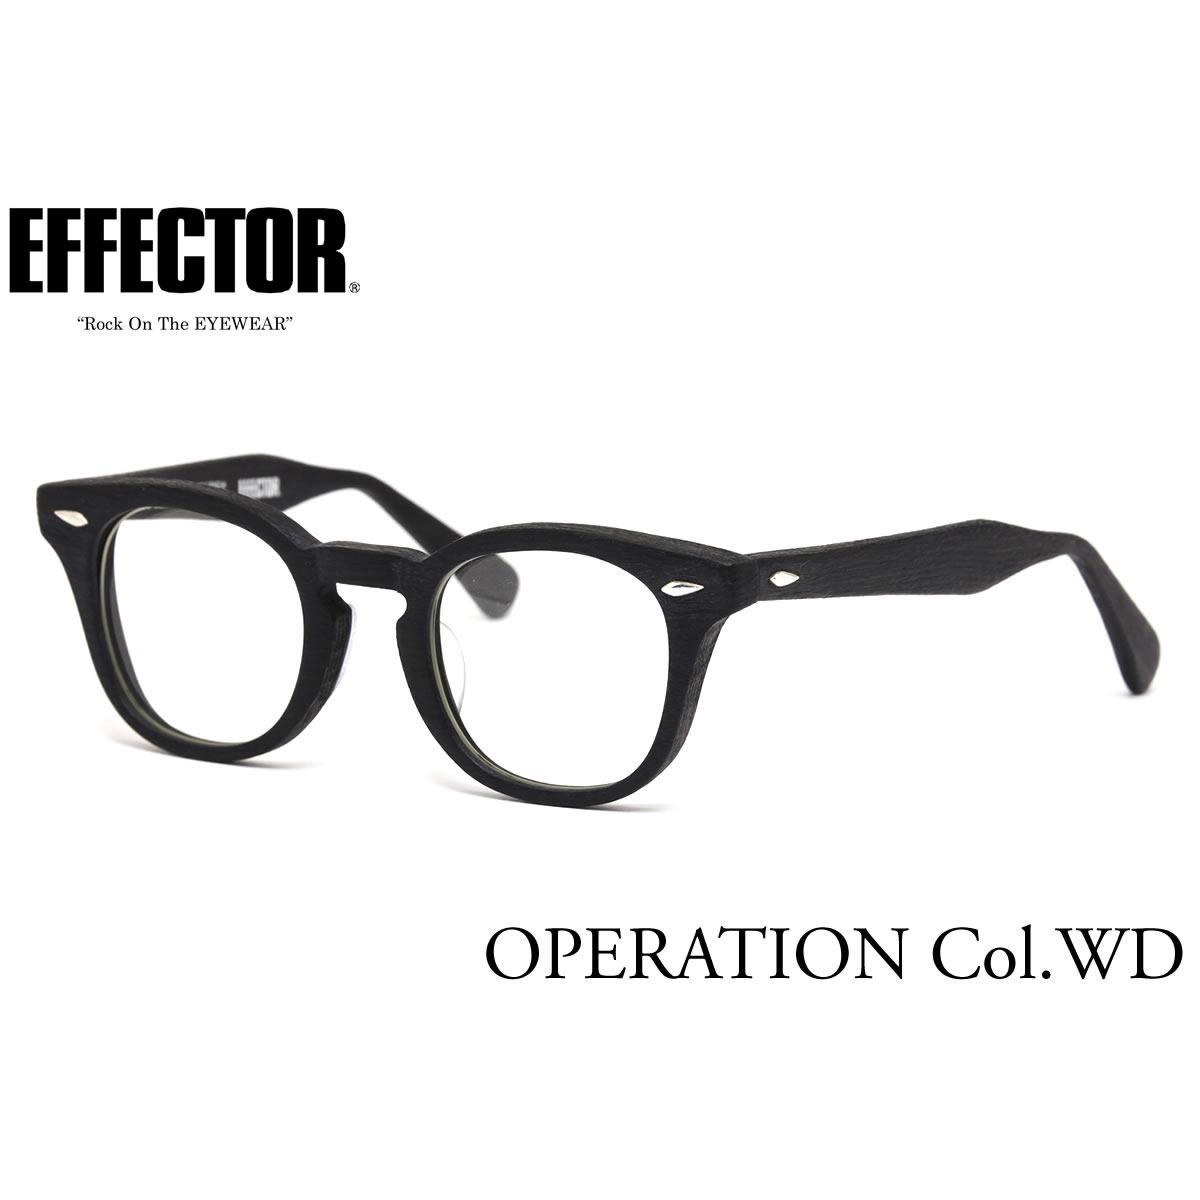 眼鏡・サングラス, 眼鏡 EFFECTOR OPERATION WD 47 The REAL McCOYS EFFECTOR UV